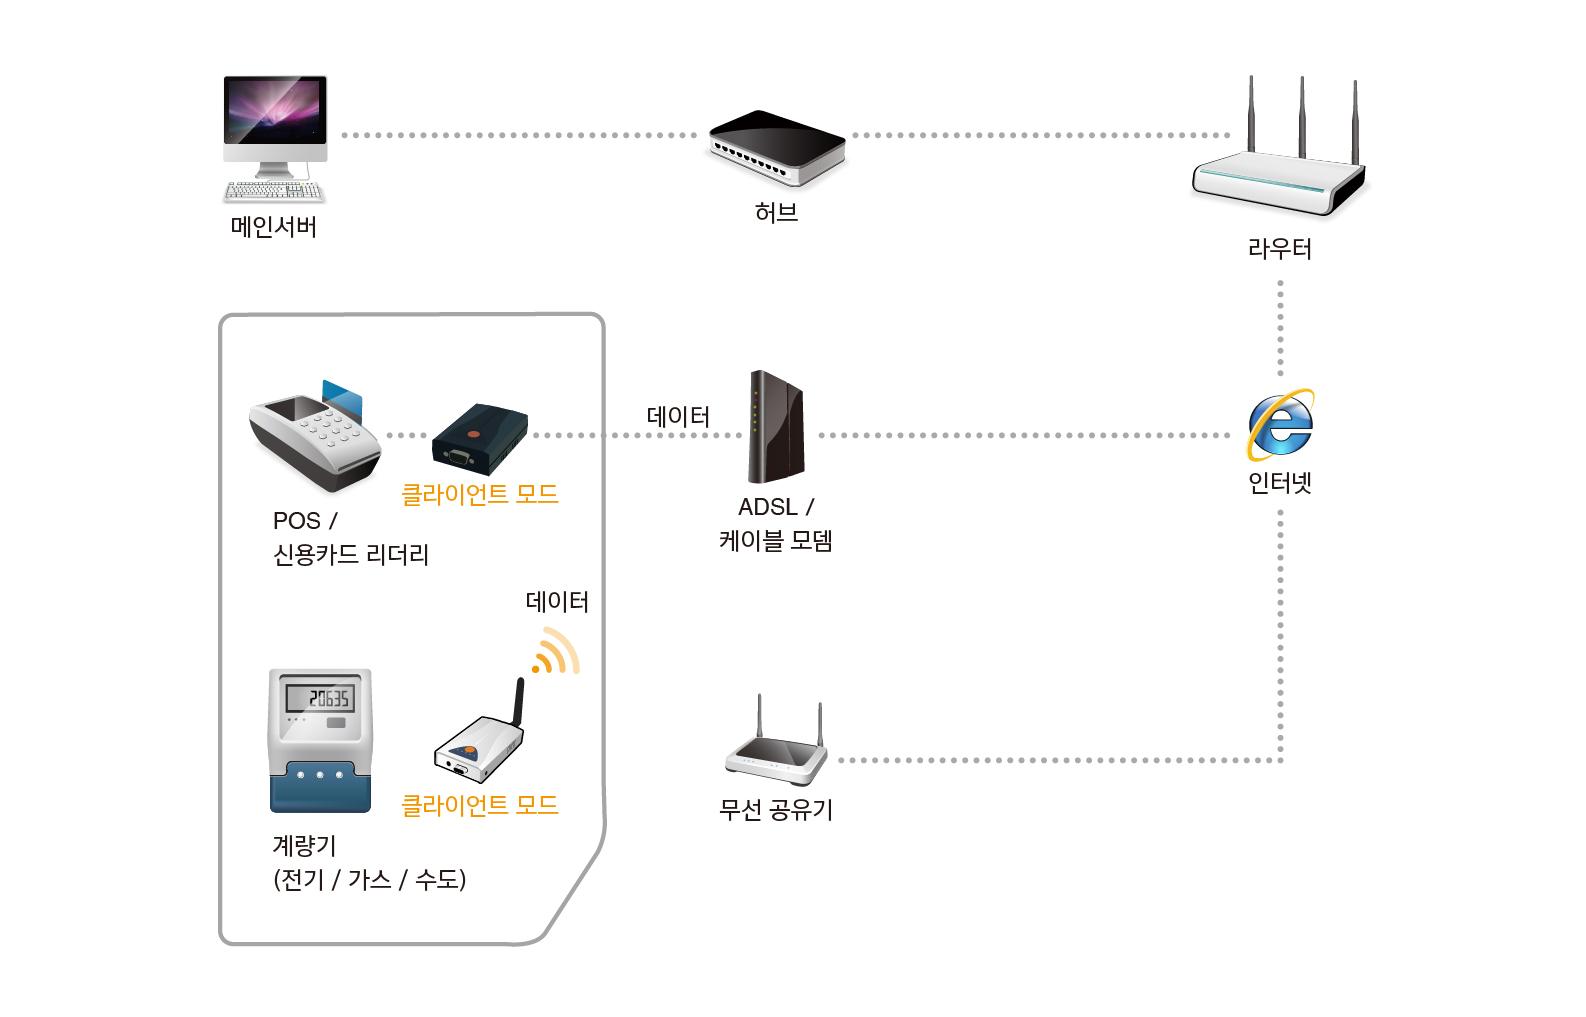 Ip Cctv Diagram Smart Wiring Diagrams Uc194 Ub0b4 Uc2dc Uc2a4 Ud15c Uc8fc U3163 Uae30 Ud0c0 Uc751 Uc6a9 Ubd84 Uc57c Eztcp Uc77c Ubc18 Uad6c Uc131 Ub3c4 Cameras